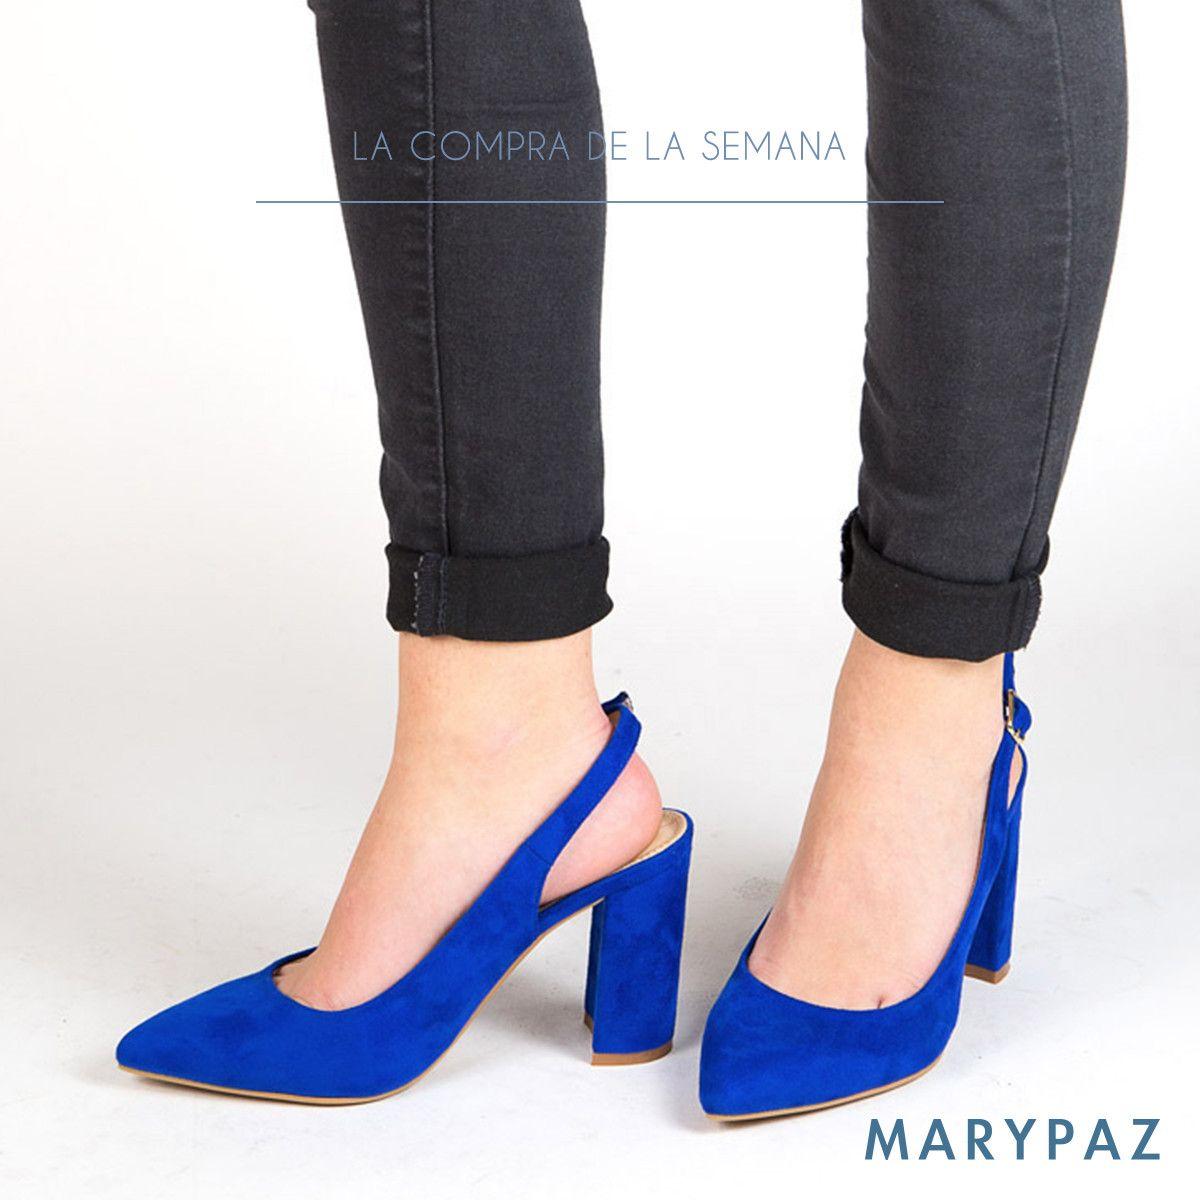 nueva productos 9f9df 1a6f8 Pin de Jessica Bustamante en Cosas para comprar   Zapatos ...